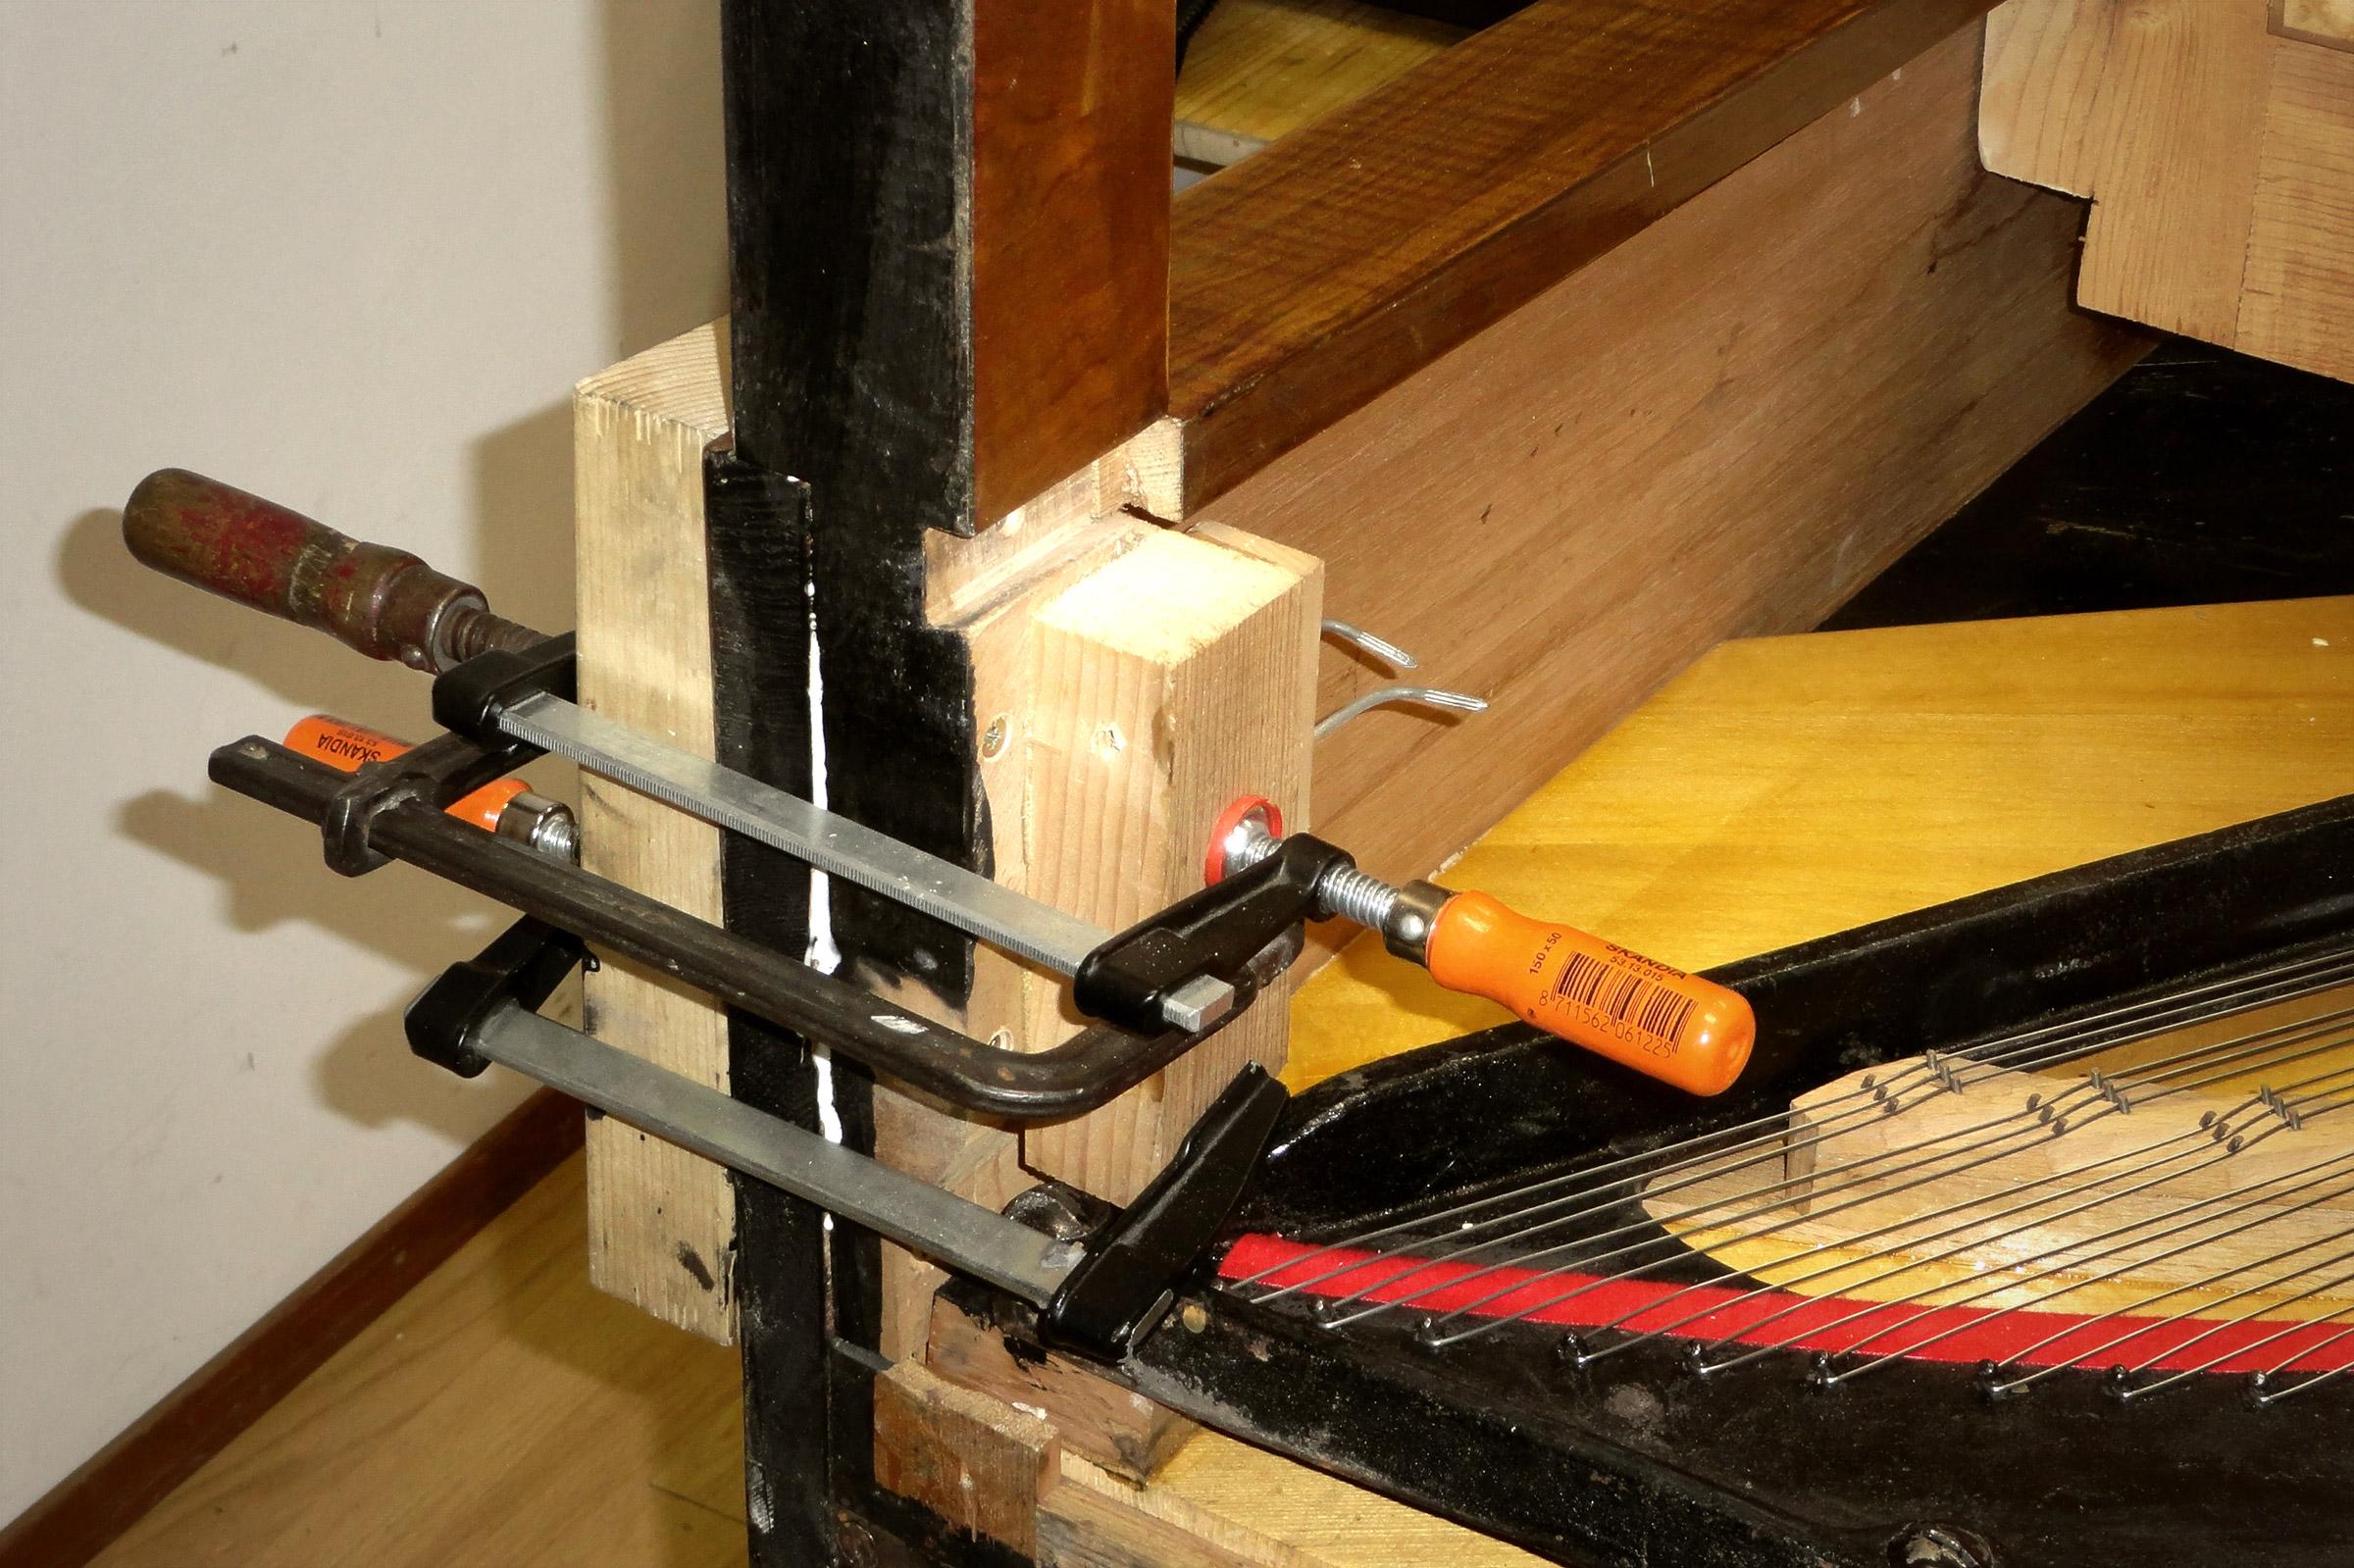 piano-reparatie-restauratie-techniek-13